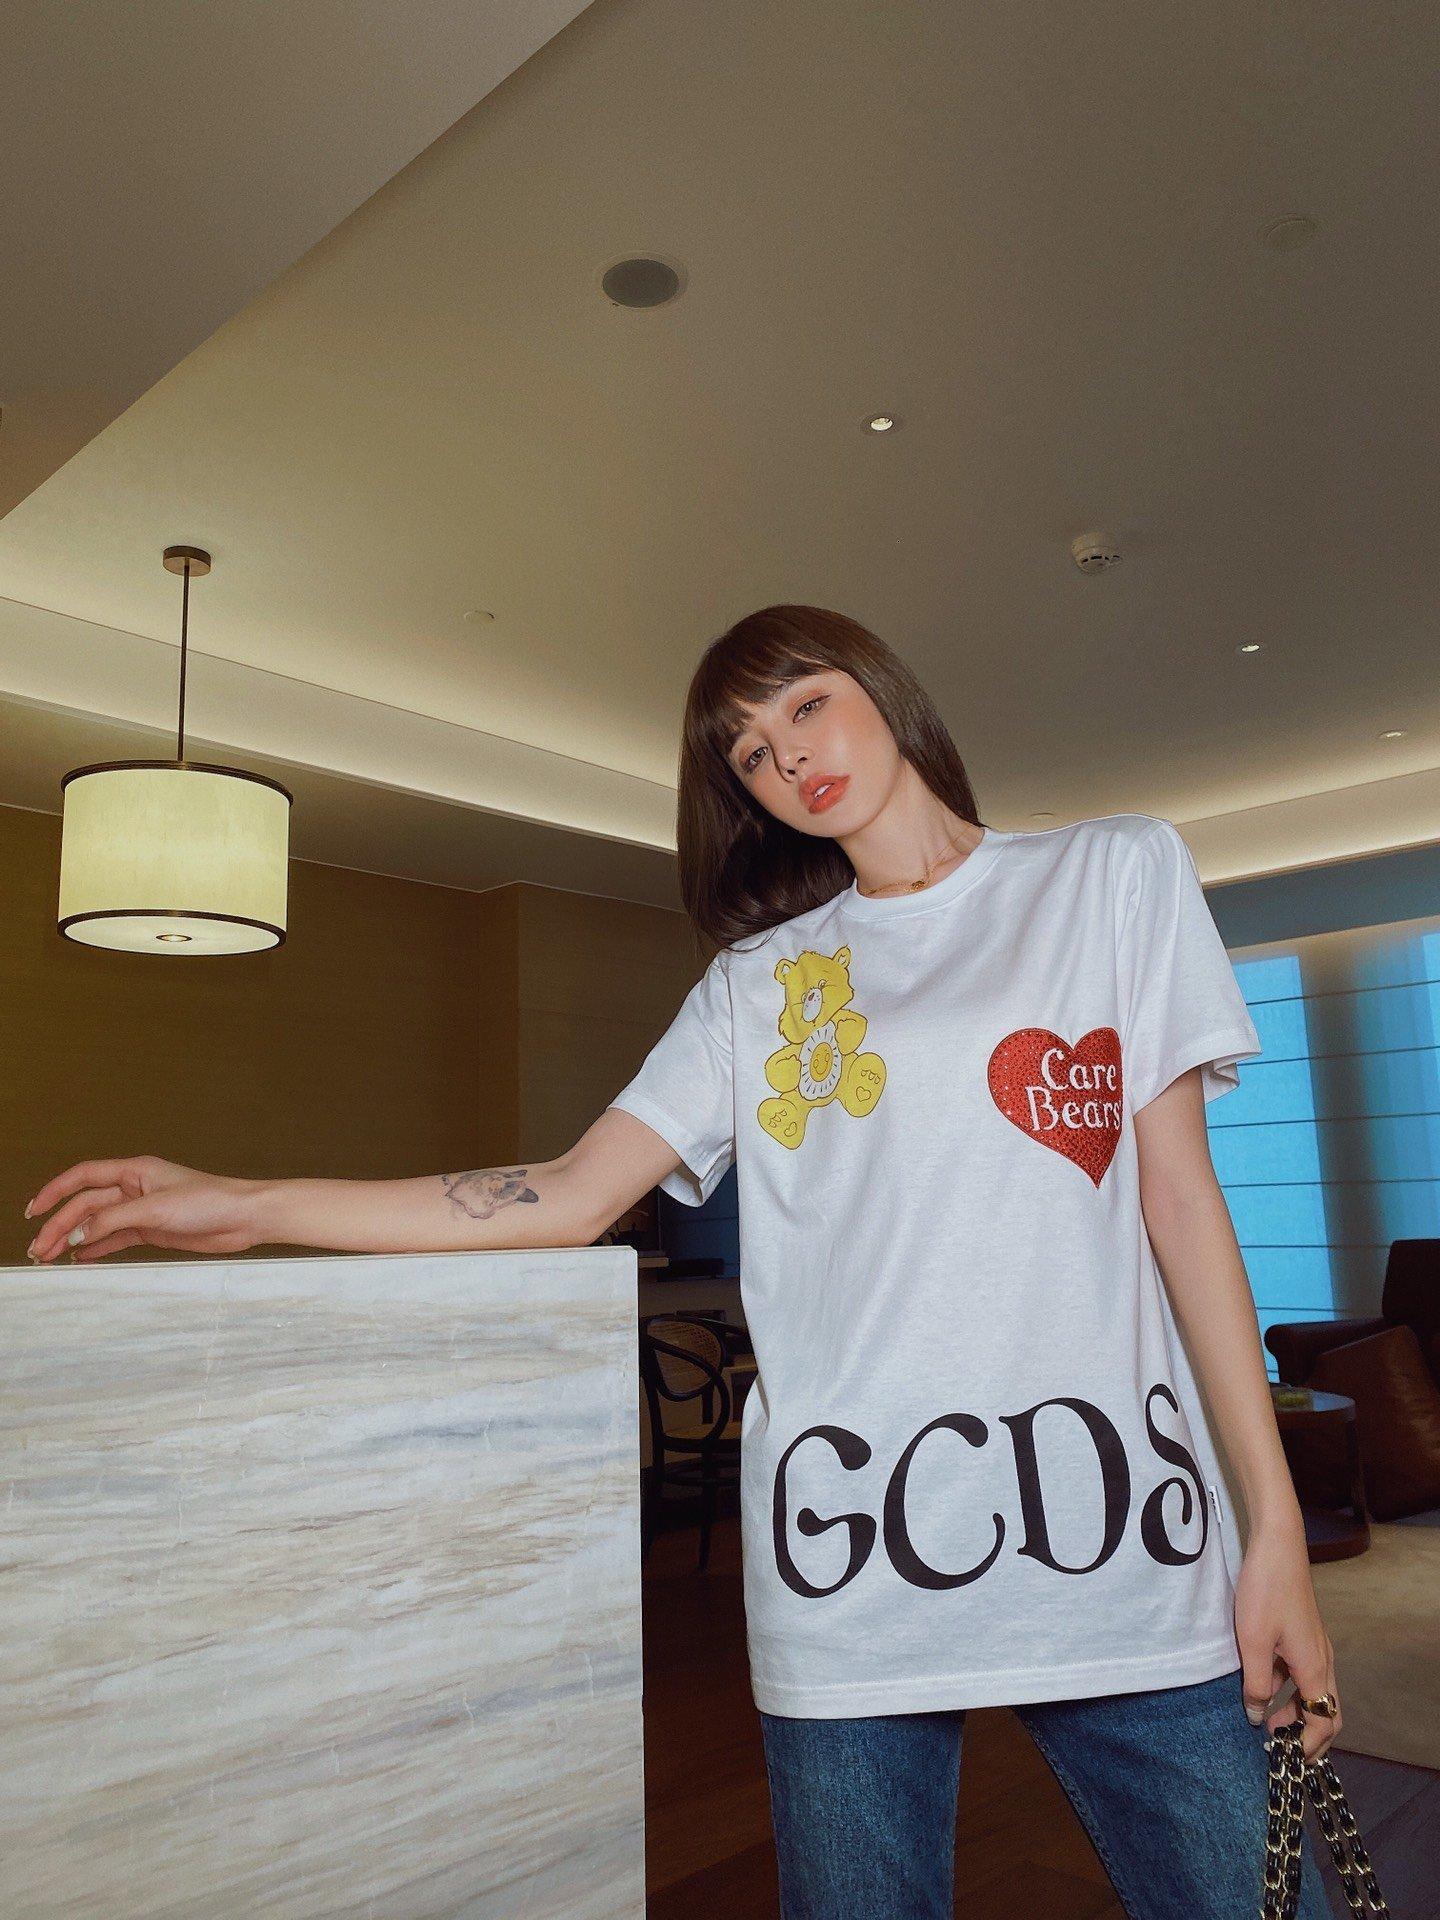 Designer woman clothes blouses women summer best rushed fashion favourite the new listing elegant QQTG QQTG QQTG